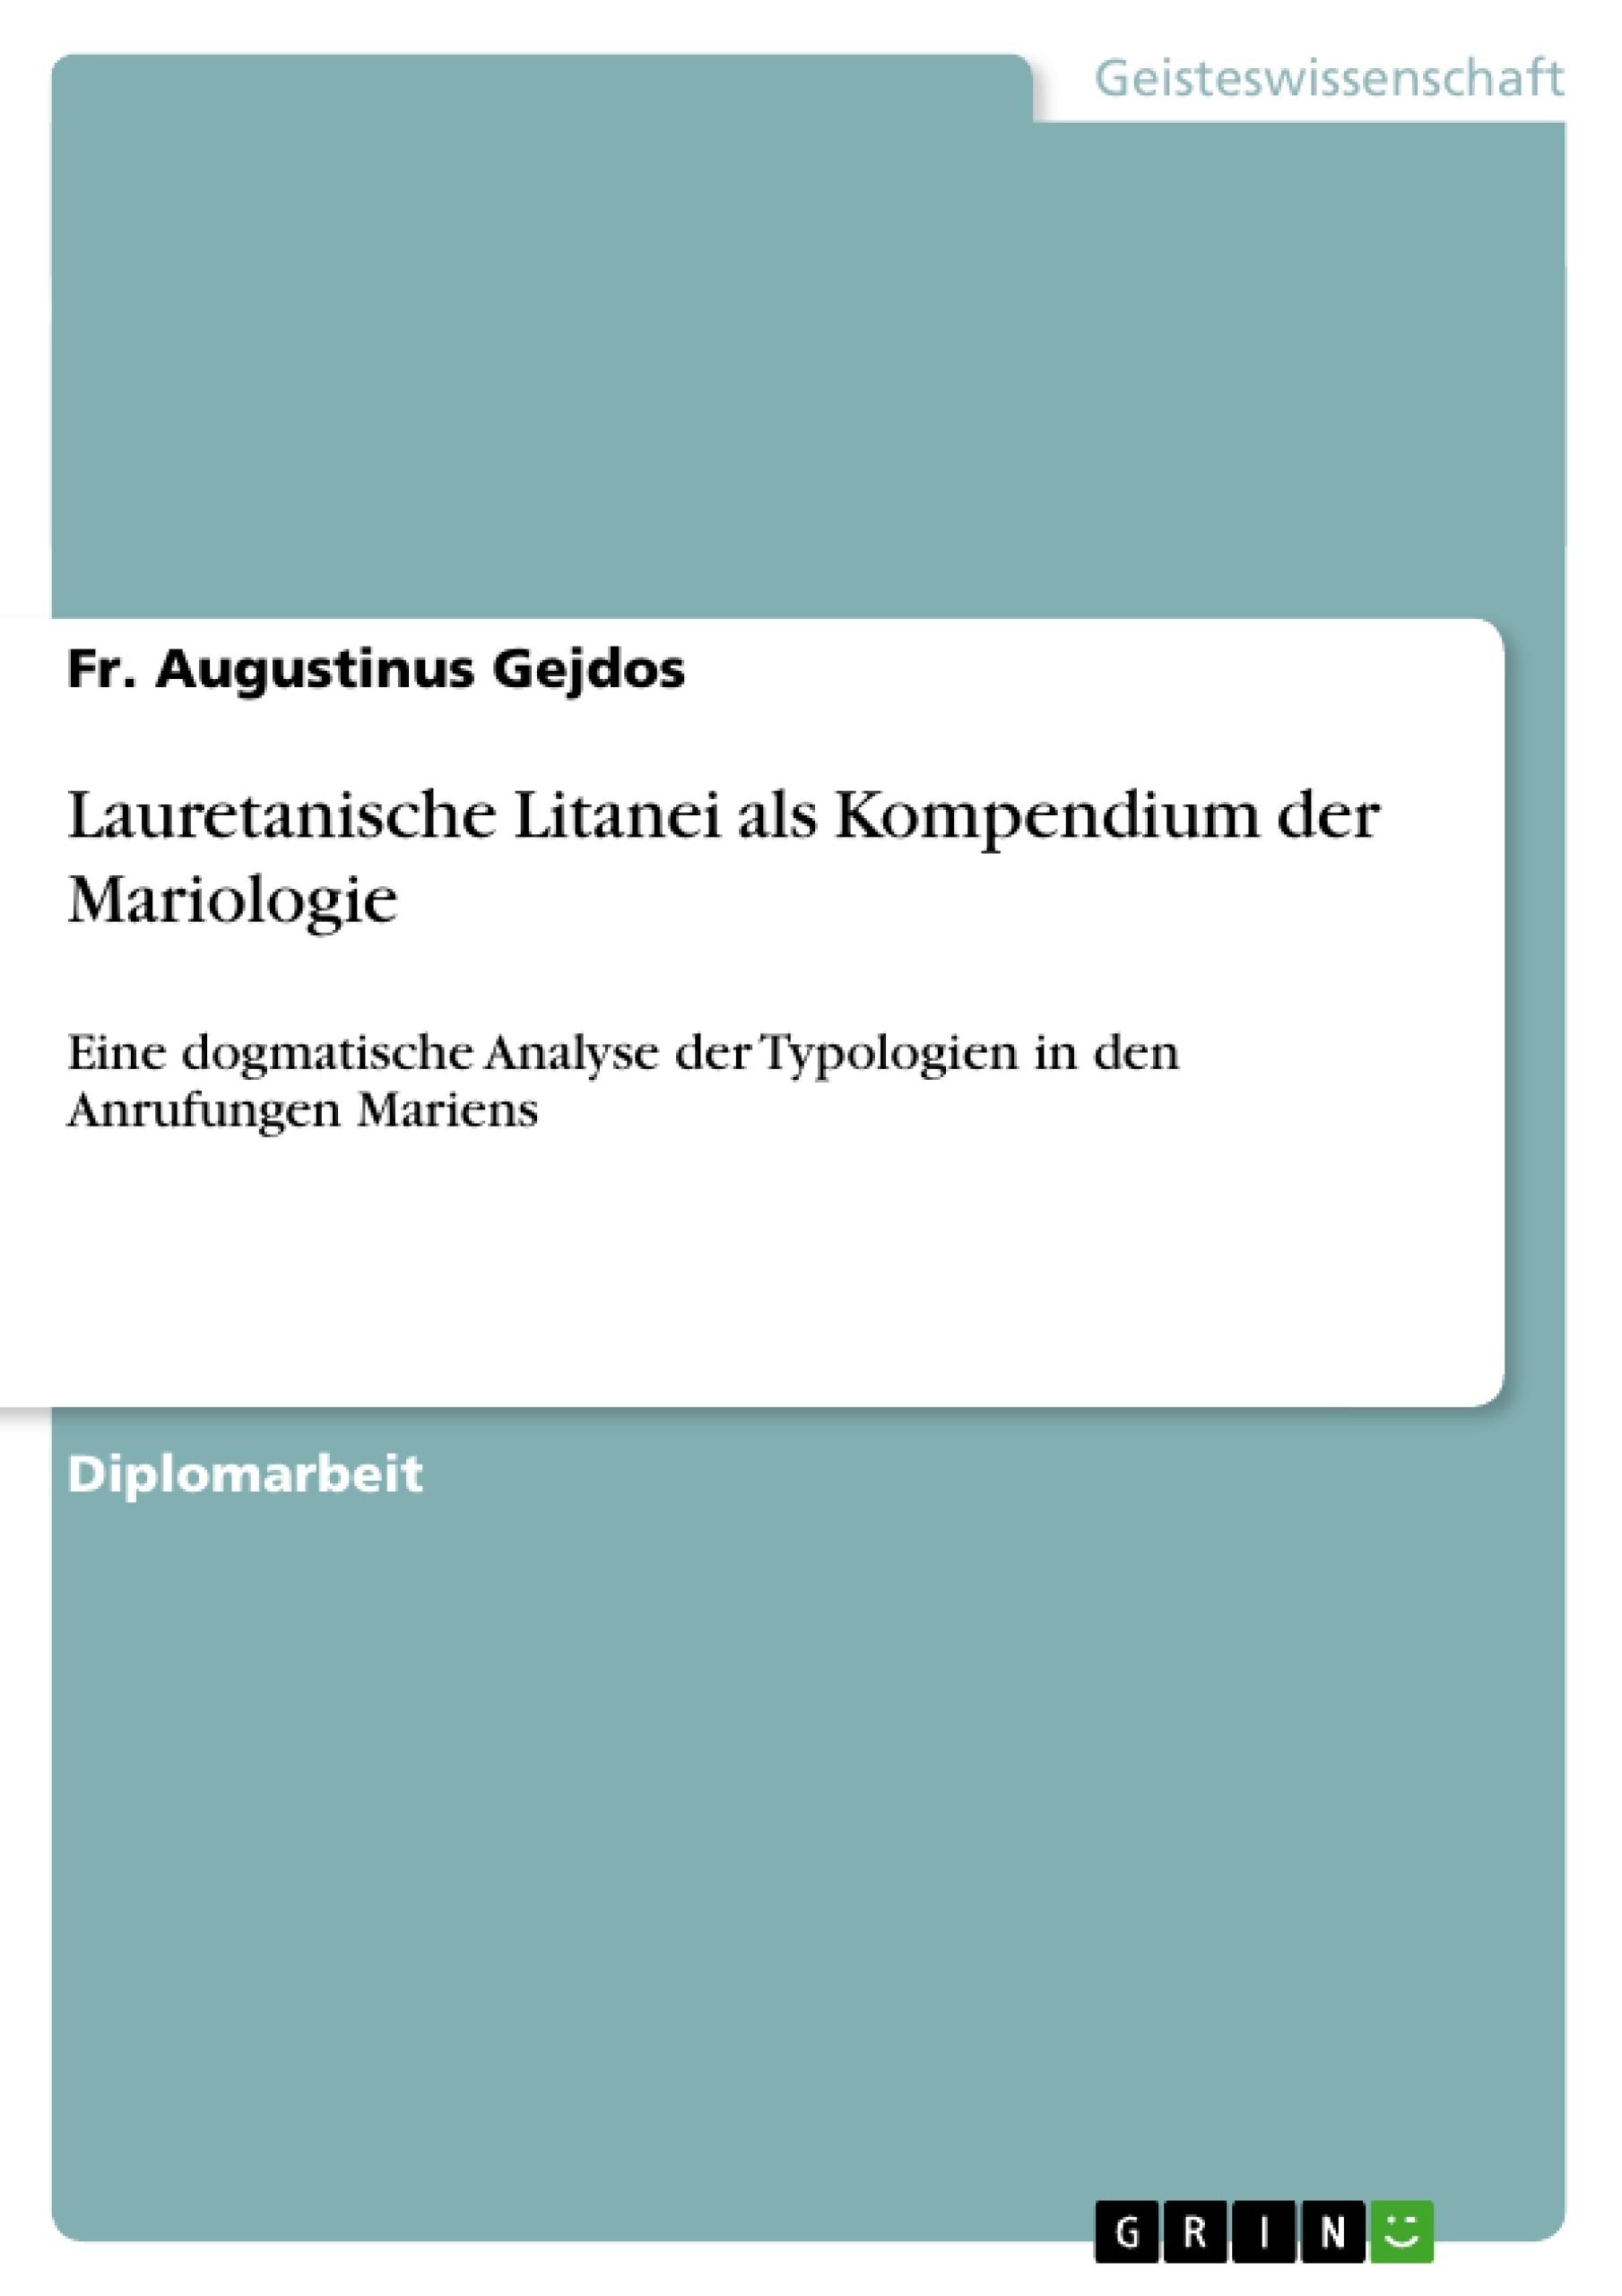 Titel: Lauretanische Litanei als Kompendium der Mariologie